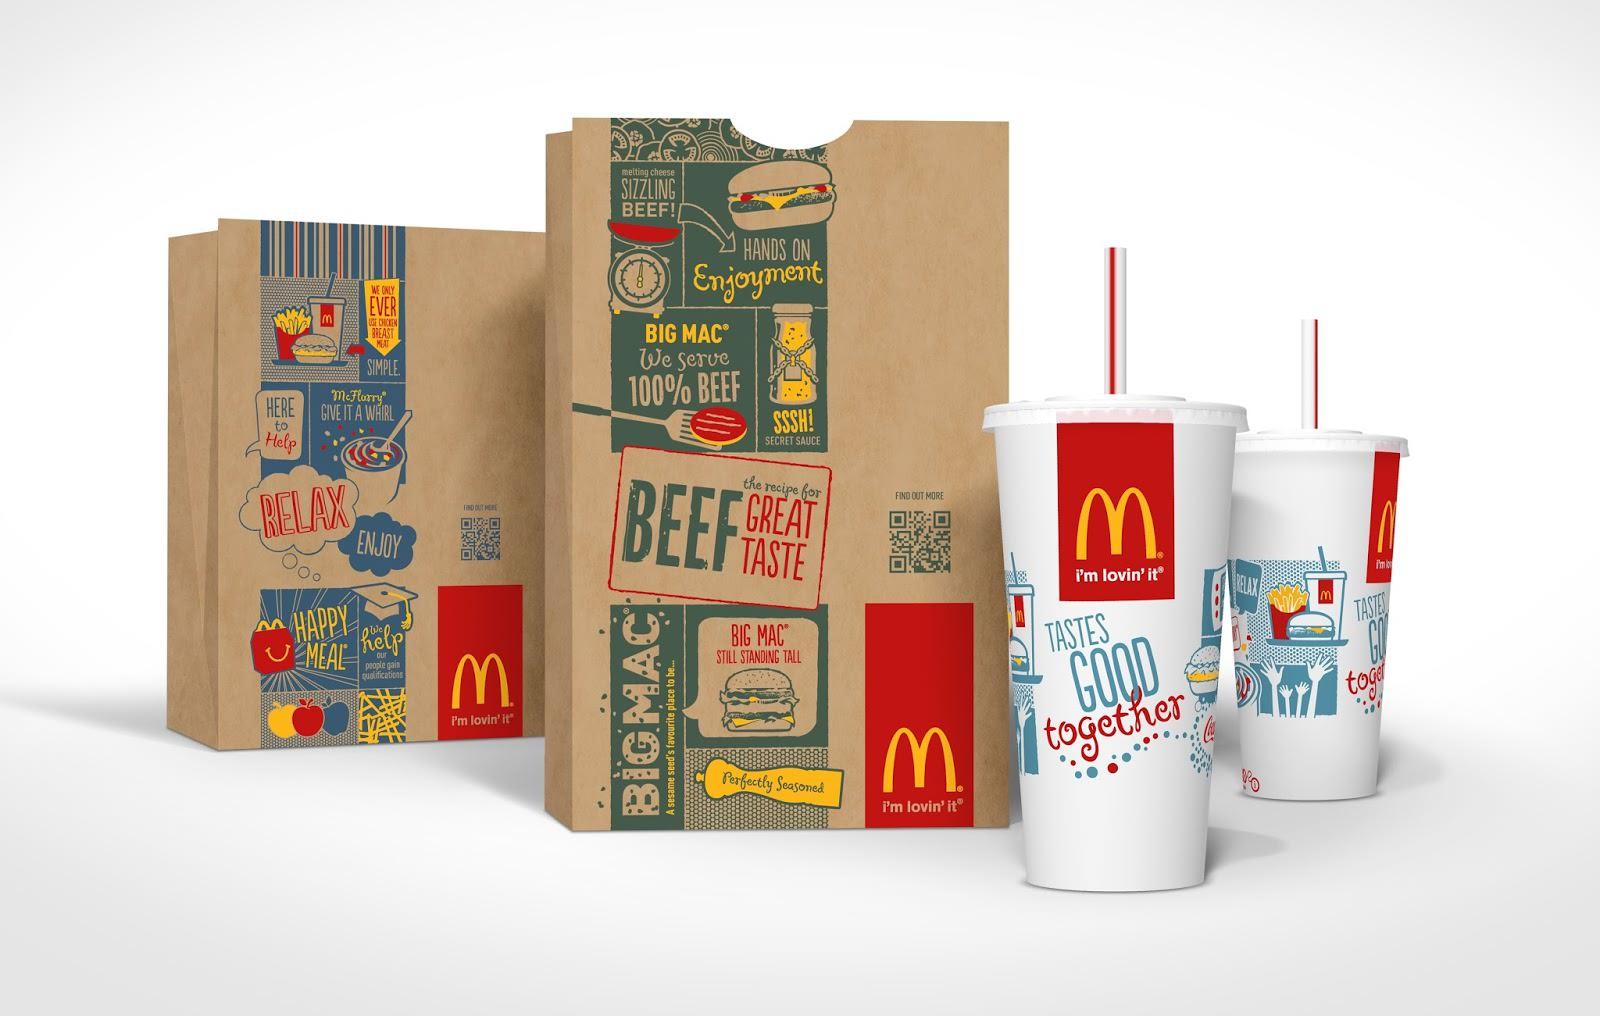 Thiết kế bao bì, vỏ hộp là rất cần thiết với các doanh nghiệp.